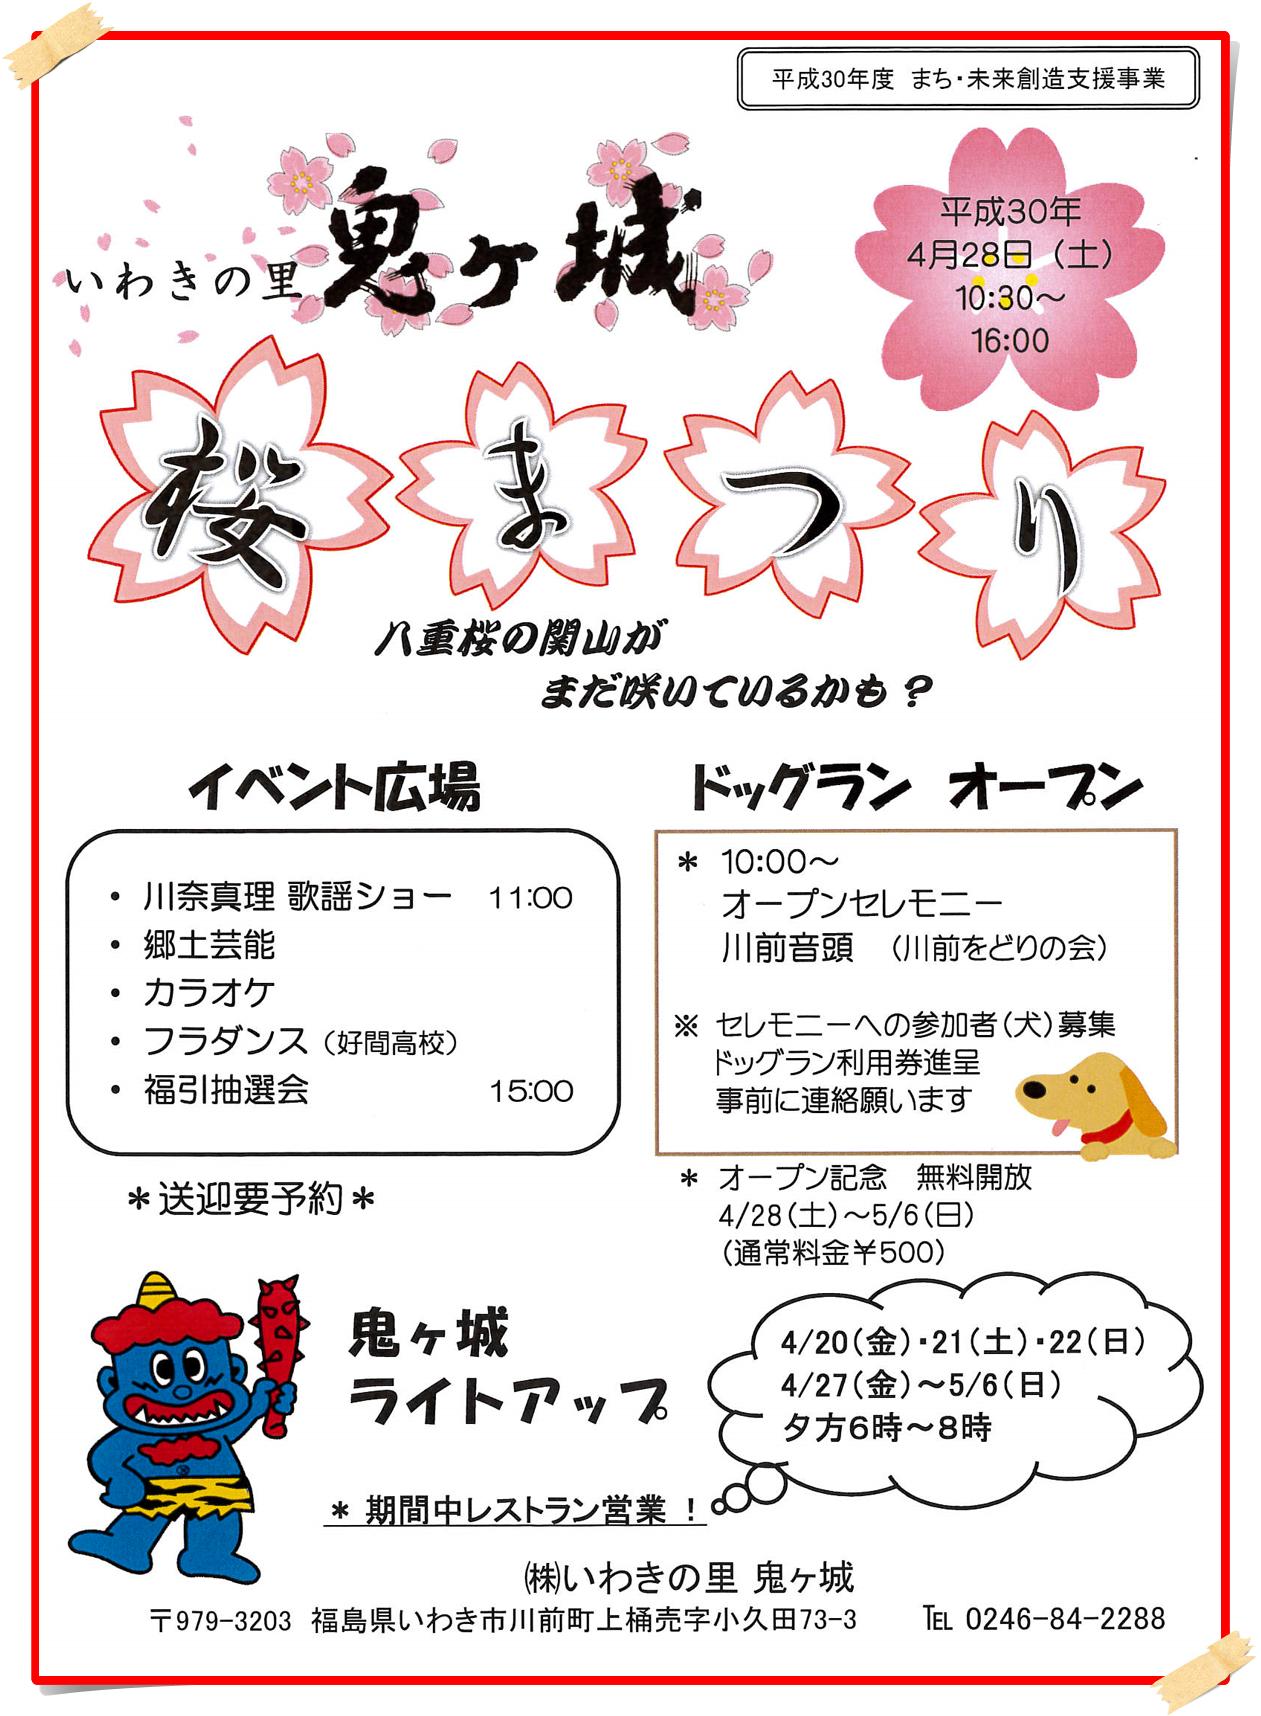 いわきの里鬼ヶ城「桜まつり」28日(土)開催! [平成30年4月24日(火)更新]2